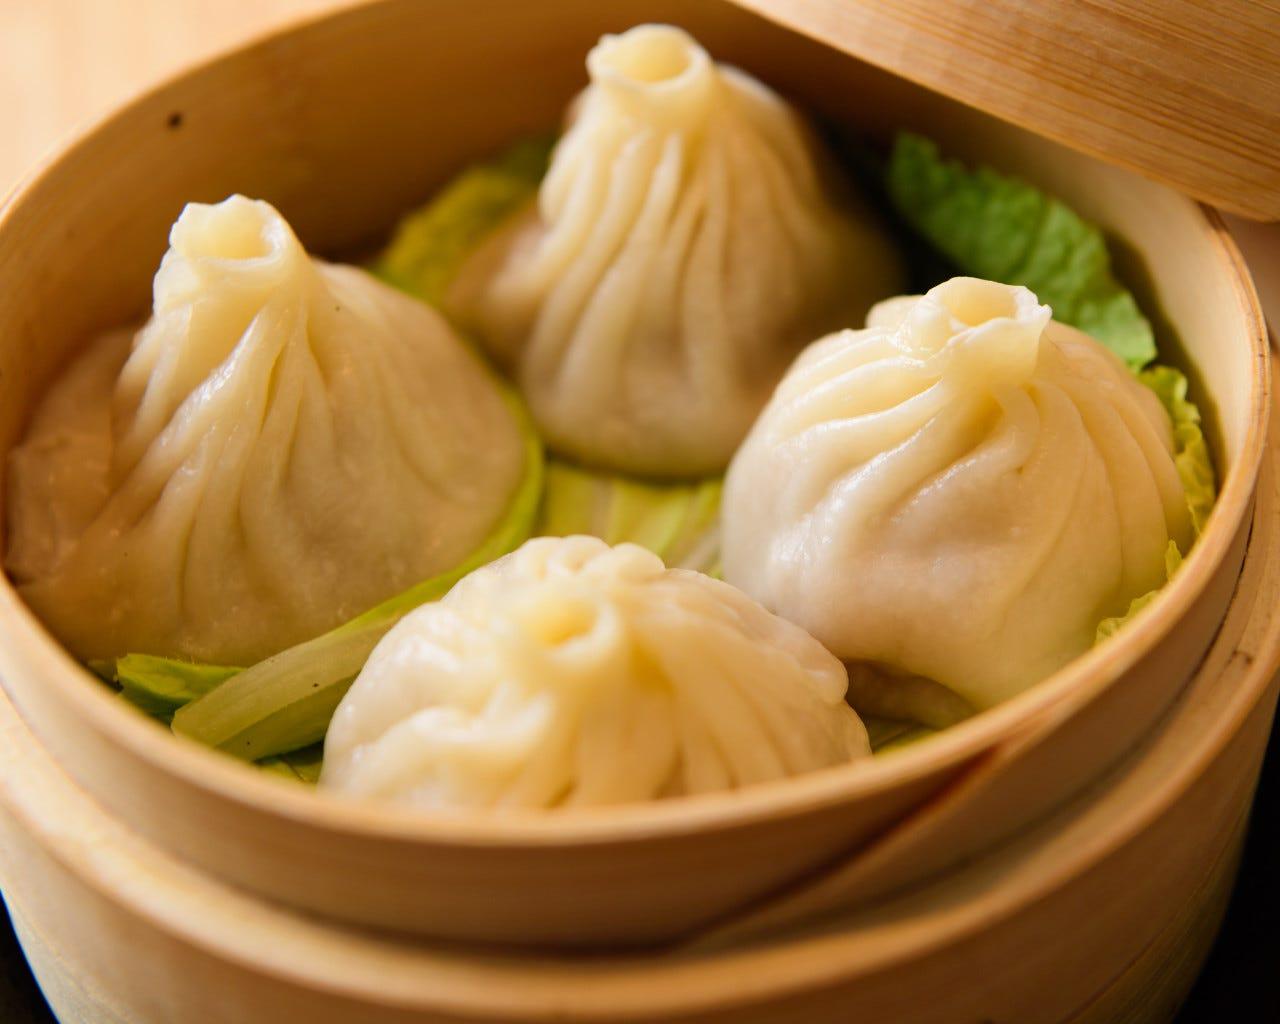 【2時間飲み放題付】迷ったときはコレ!小籠包や麻婆豆腐など中華の定番がここに!4000円コース(全10品)